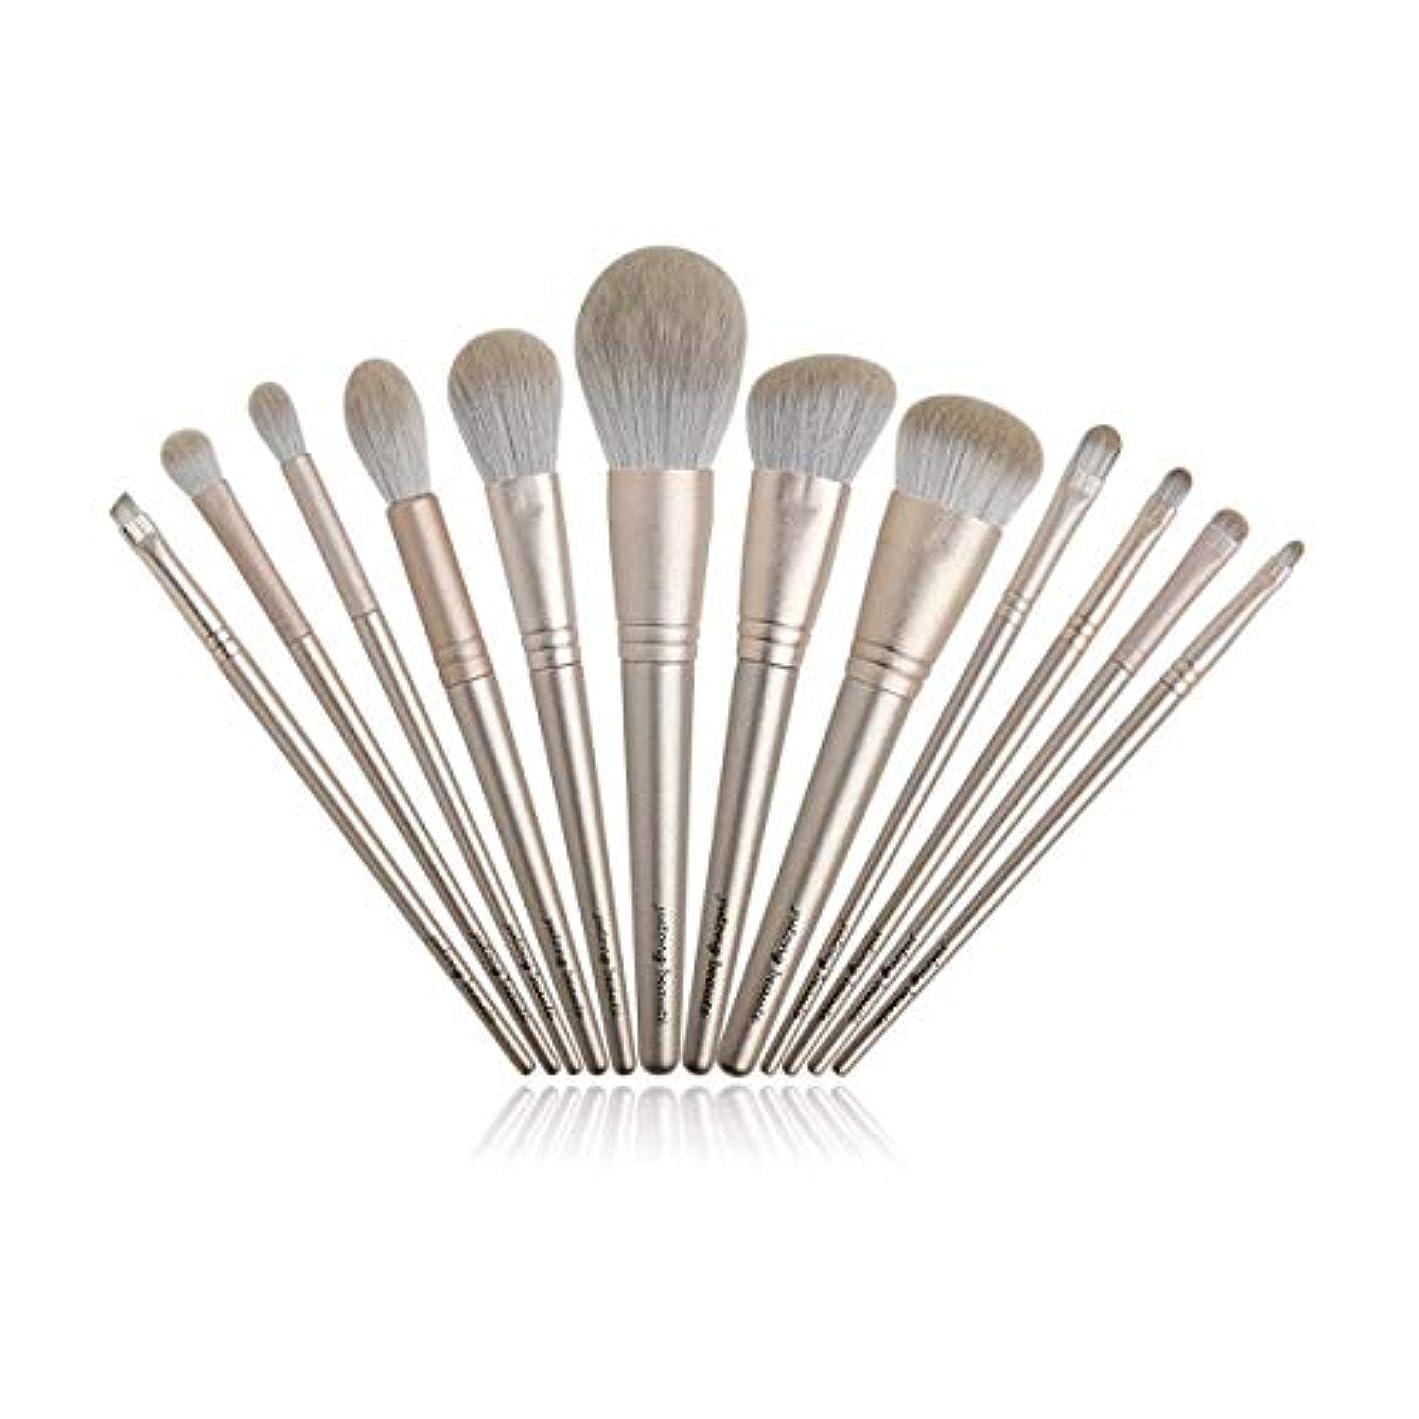 燃やすタクト変なXIAOCHAOSD メイクブラシ美容ツールベルト保護ネットの設定ファイバー髪のセクションを設定し、12点セット (Color : Gold)